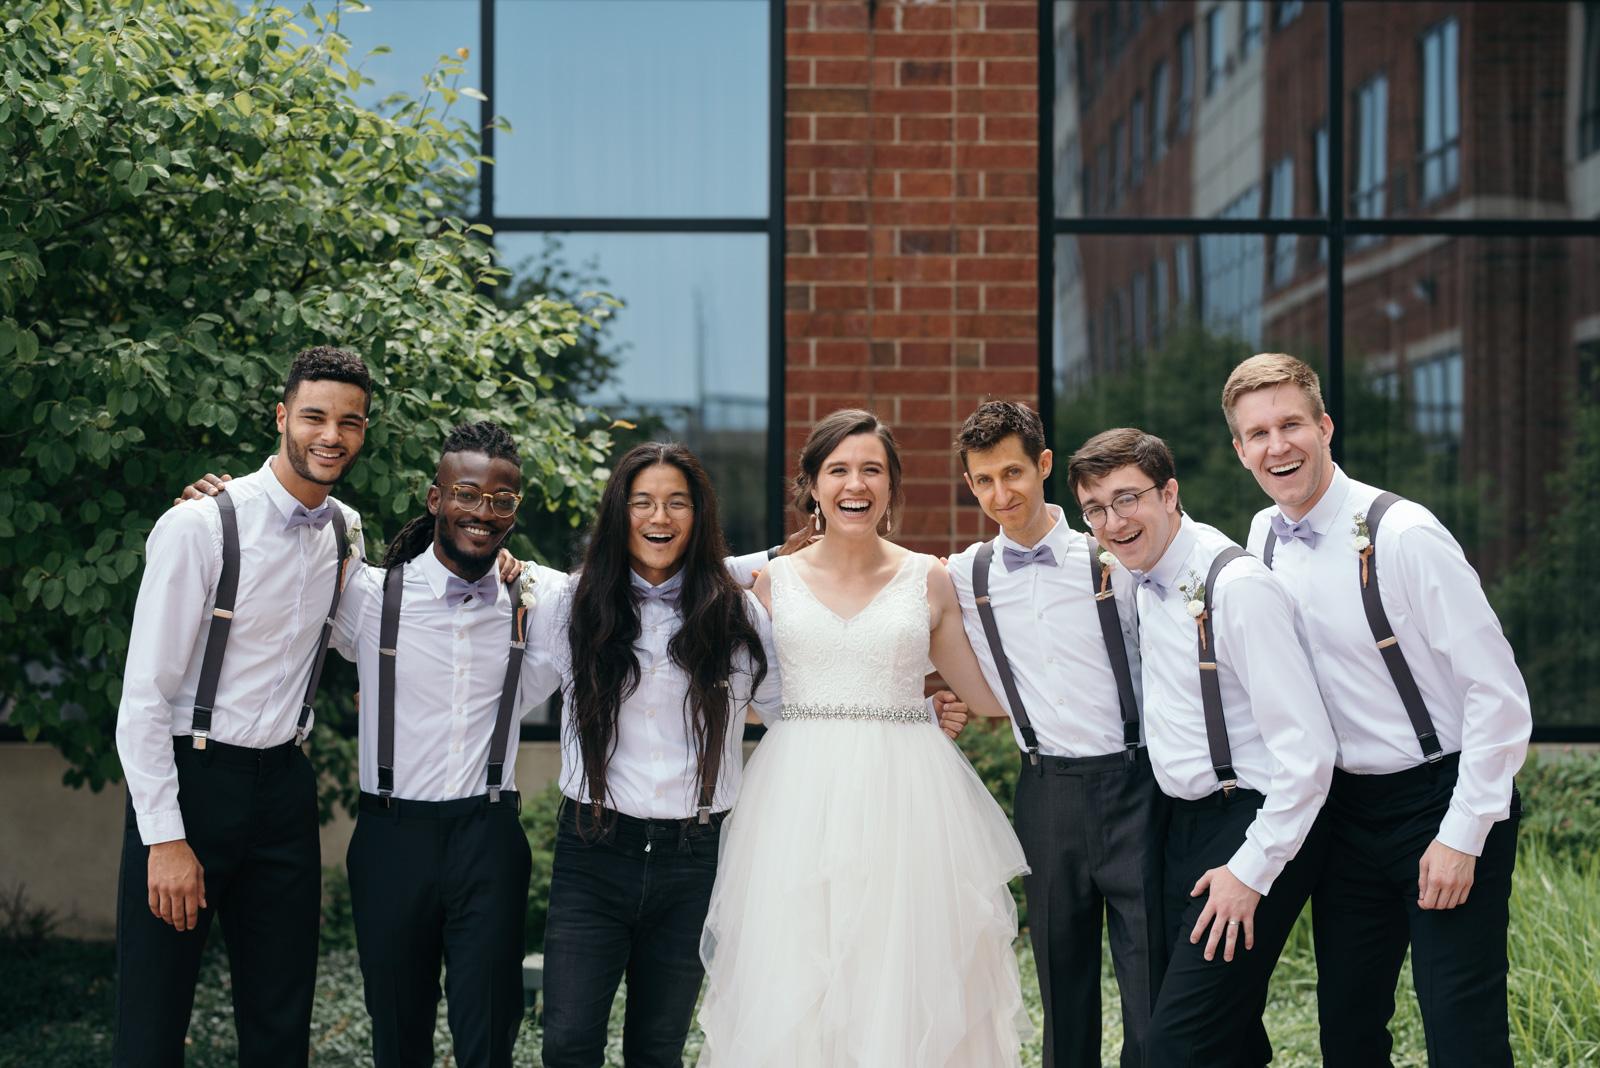 bride with groomsmen Coralville Marriott Hotel Wedding